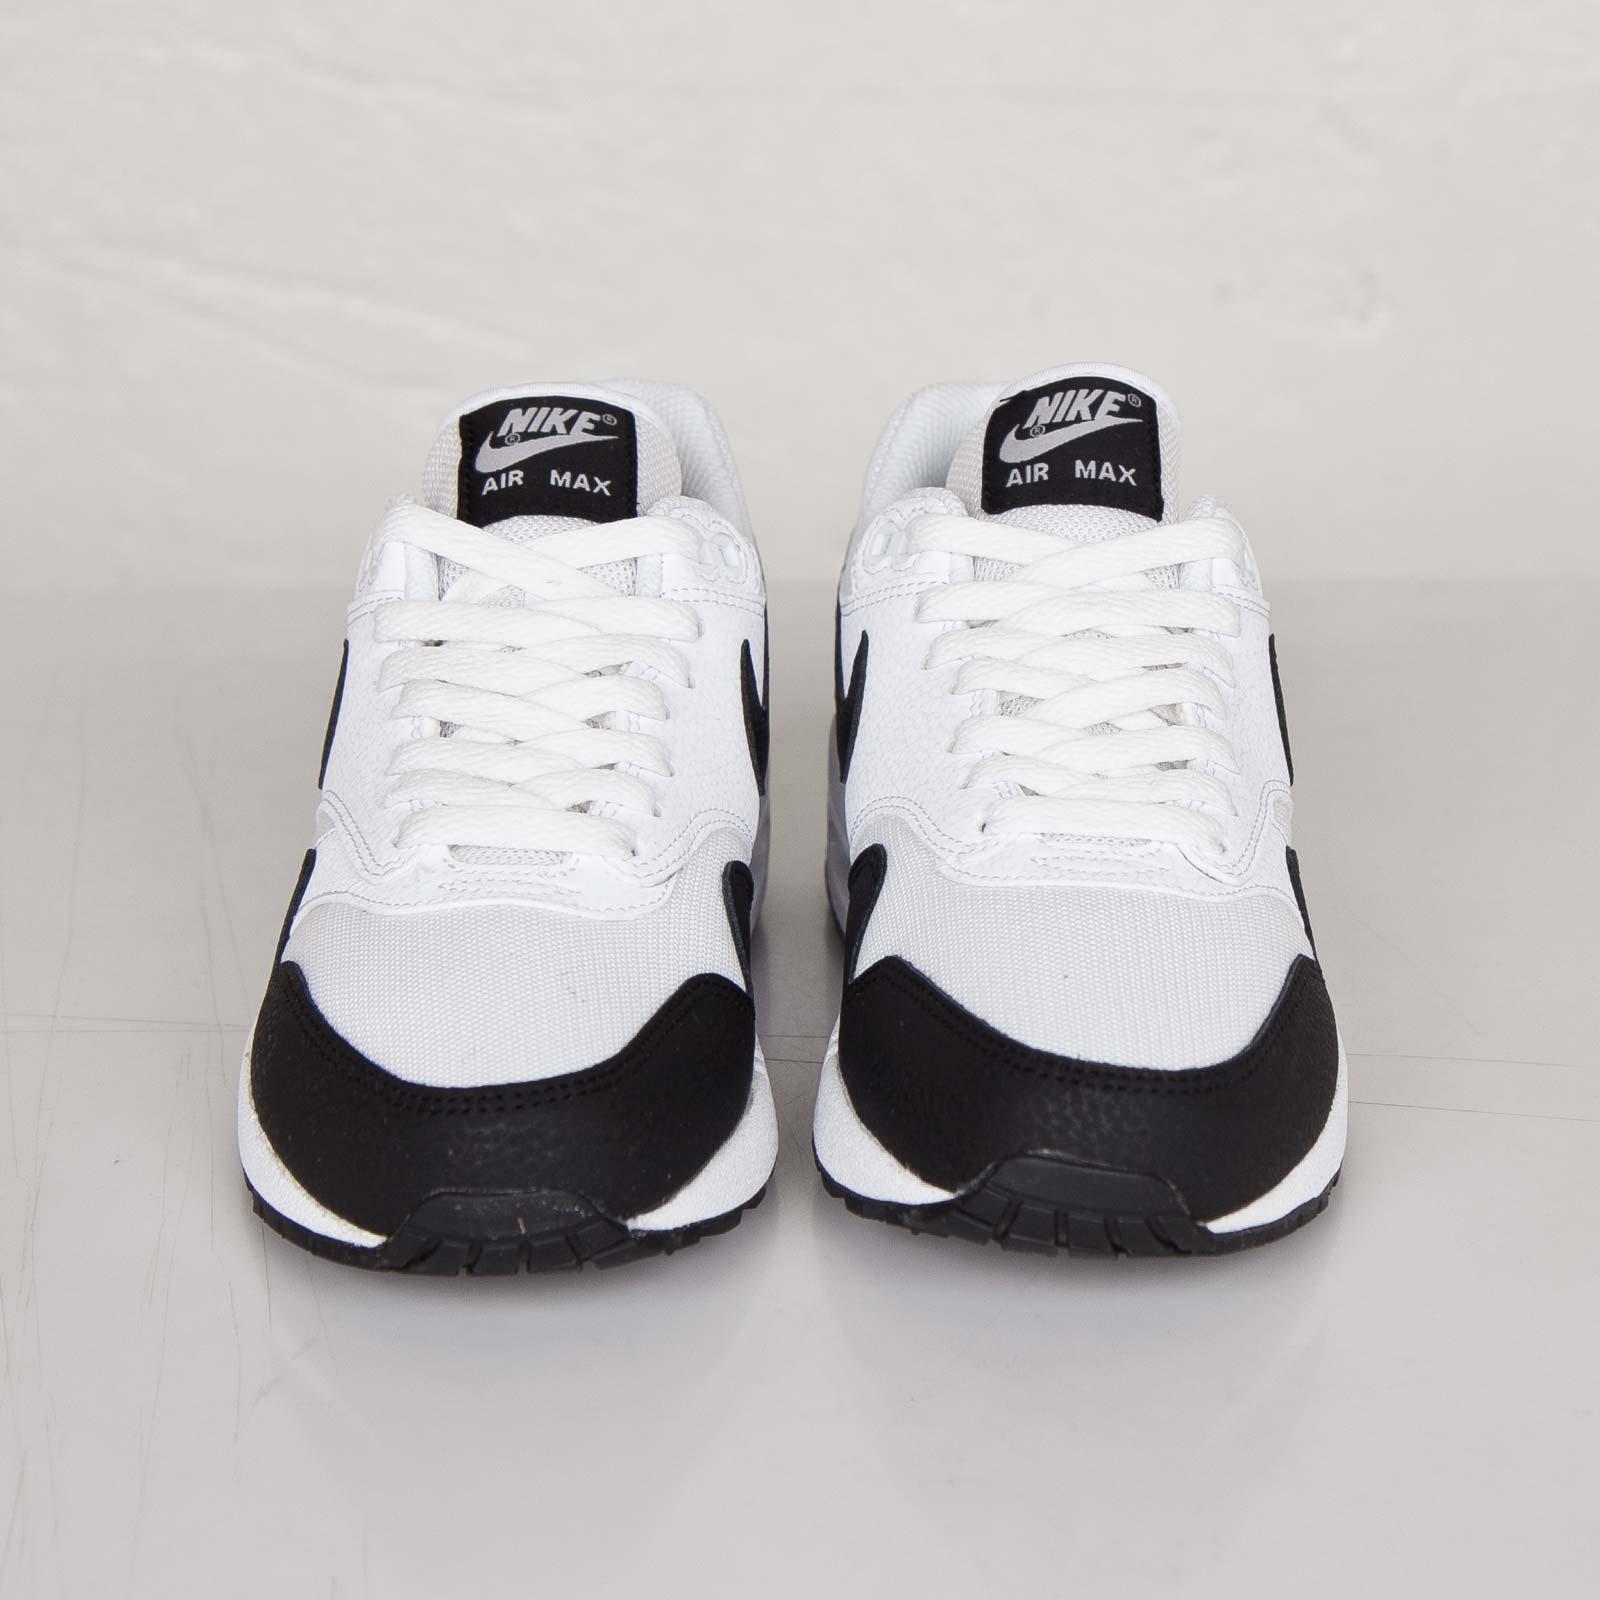 big sale 99034 b779b Nike Wmns Air Max 1 Essential - 599820-115 - Sneakersnstuff   sneakers    streetwear online since 1999